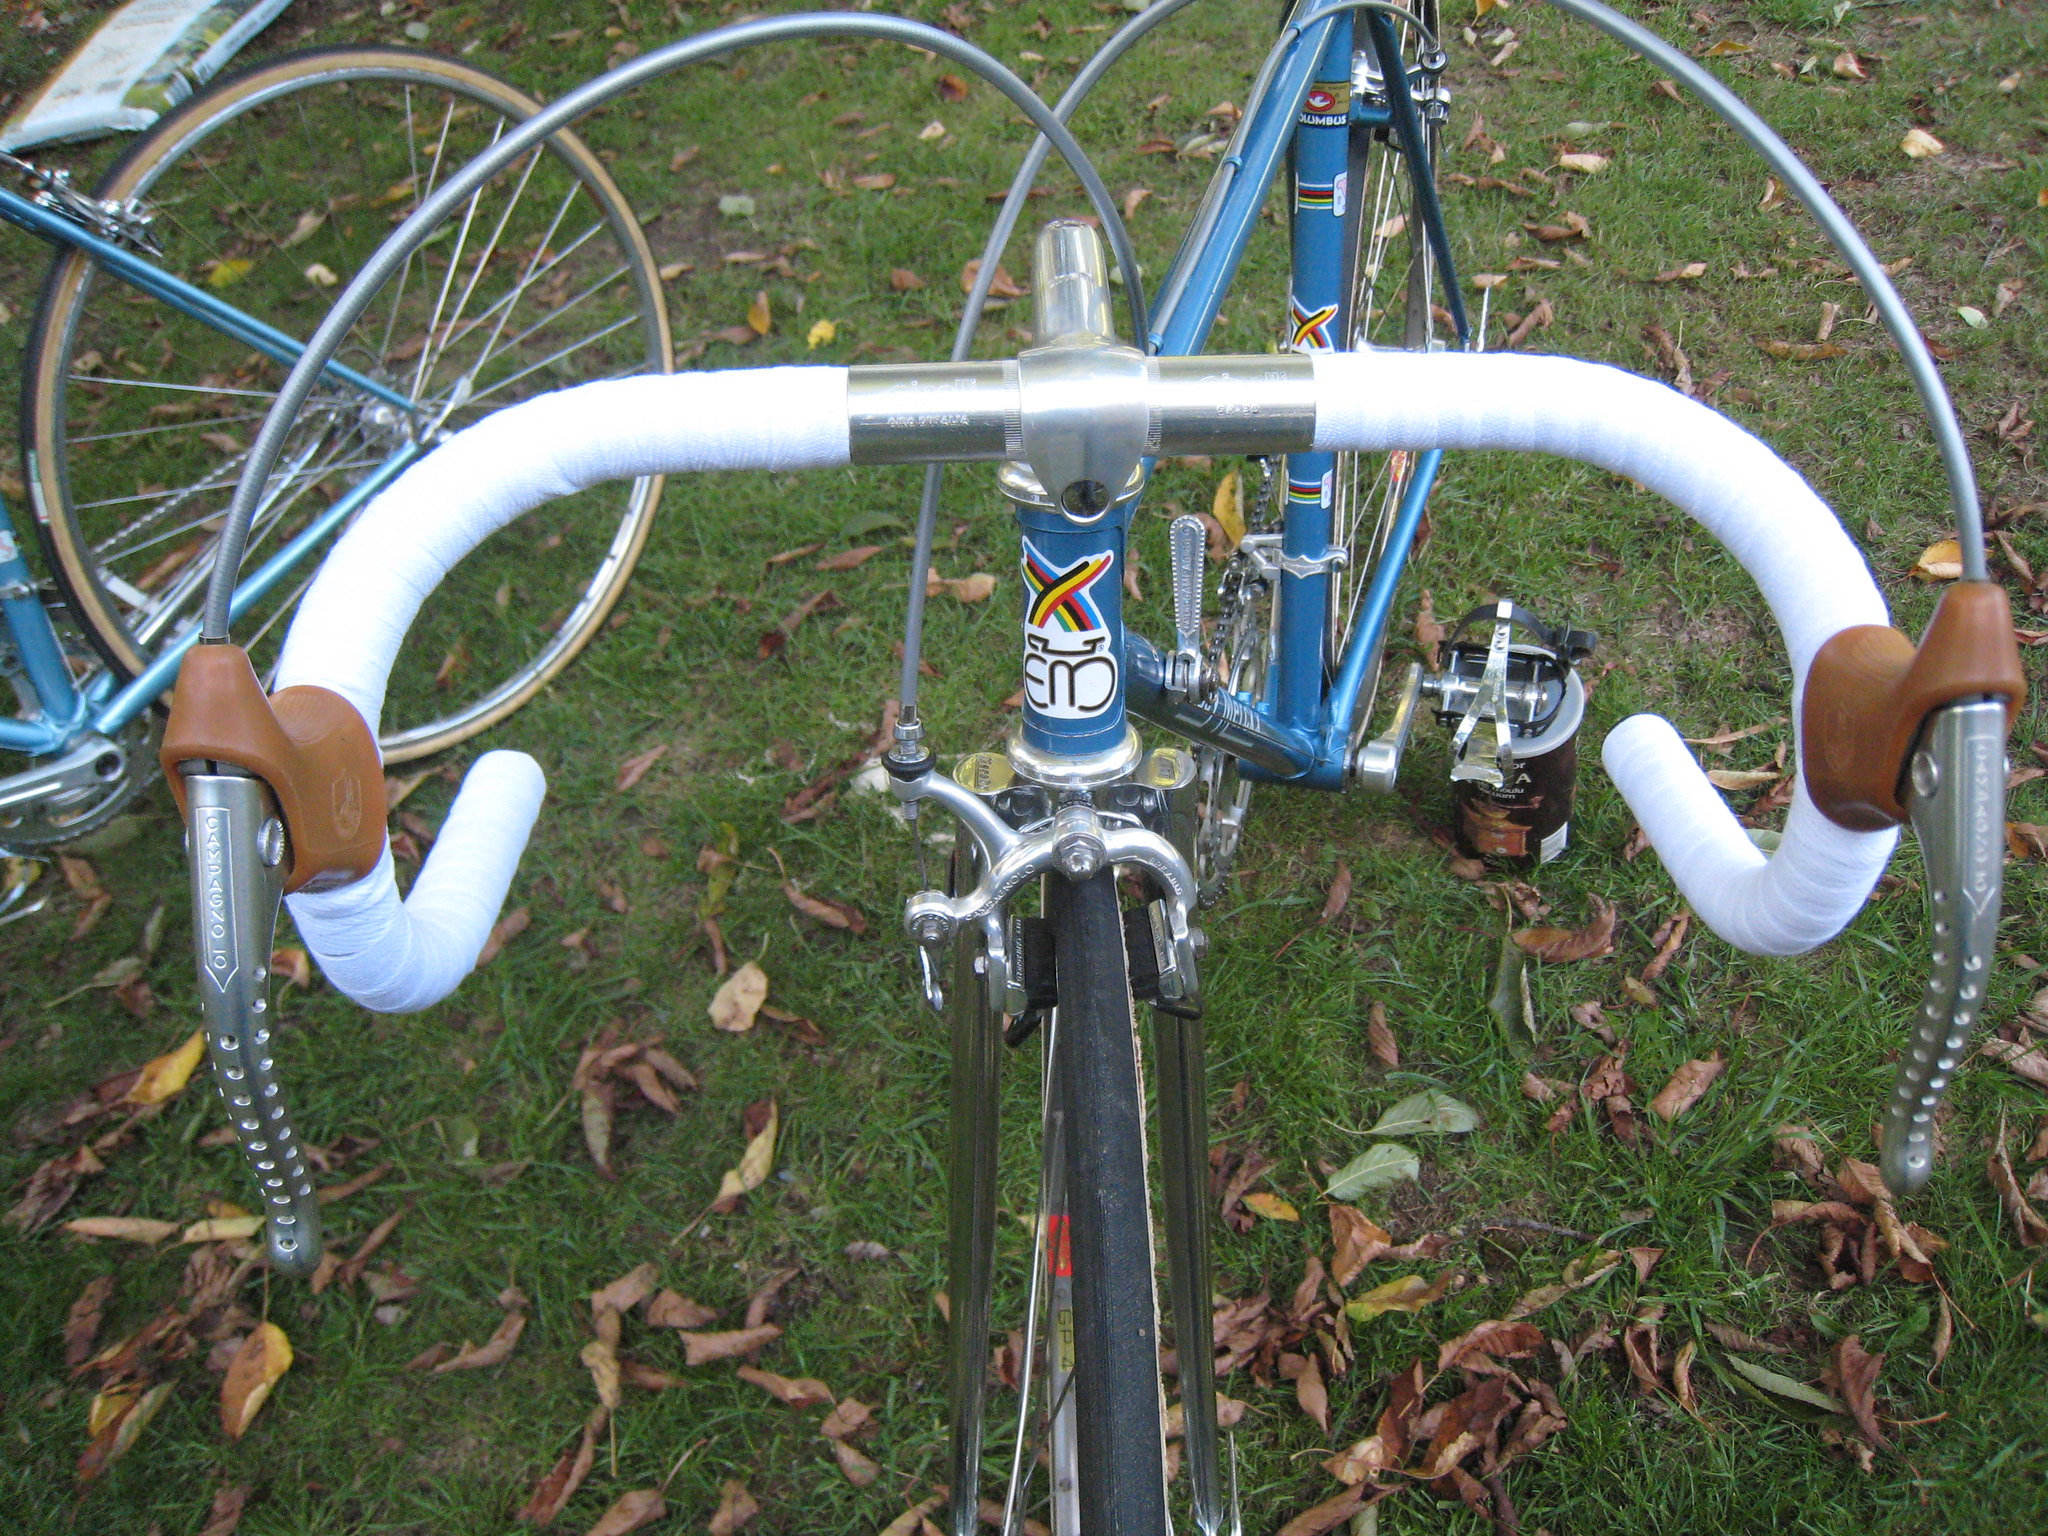 Eddy Merckx 1980 Bis 43996757635_6d169f80ed_k